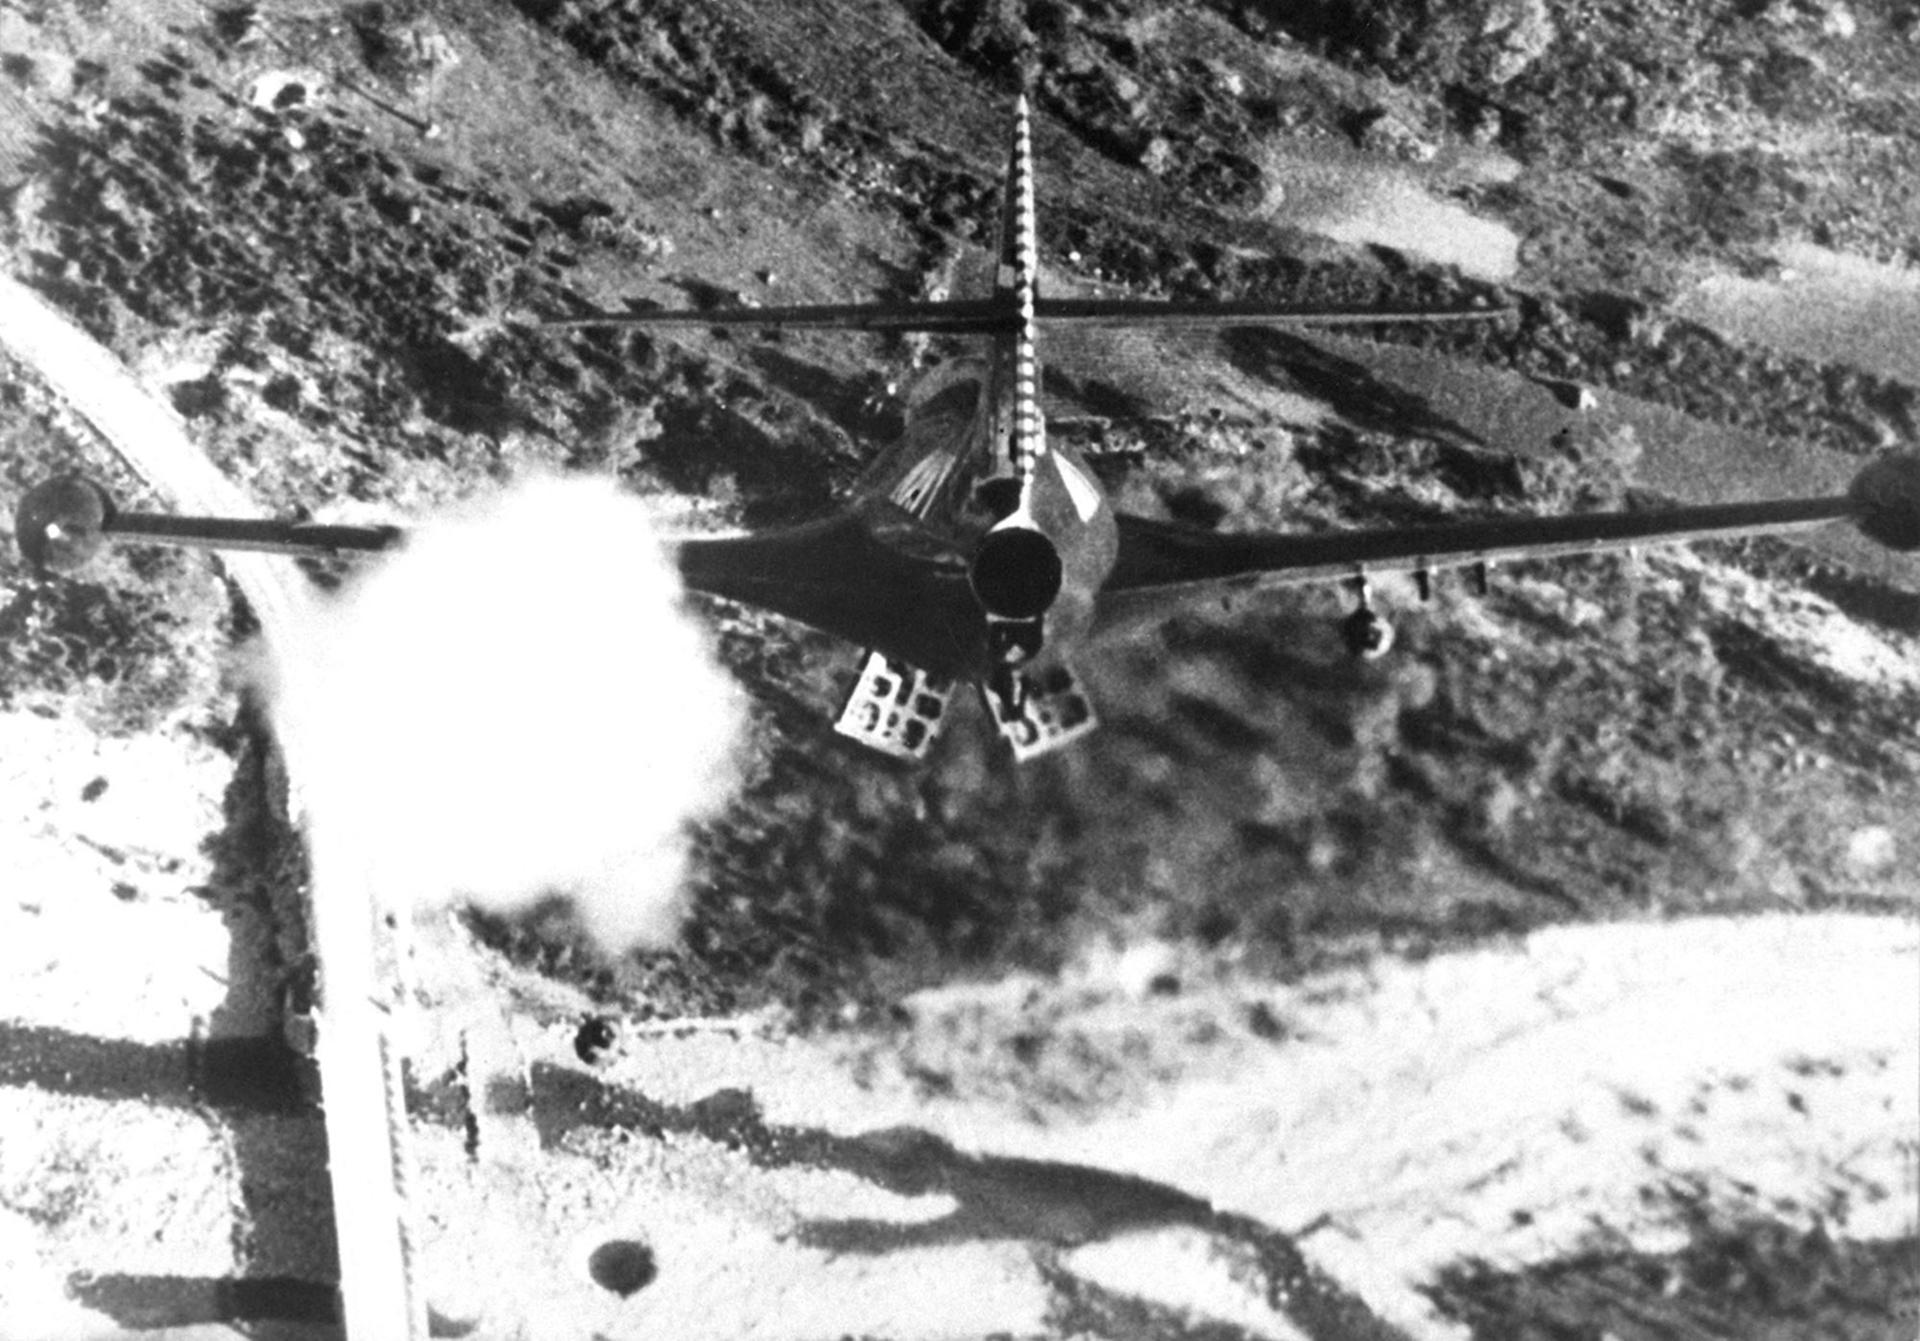 Un avión bombardeando un puente de Corea en noviembre de 1952 (Navy)